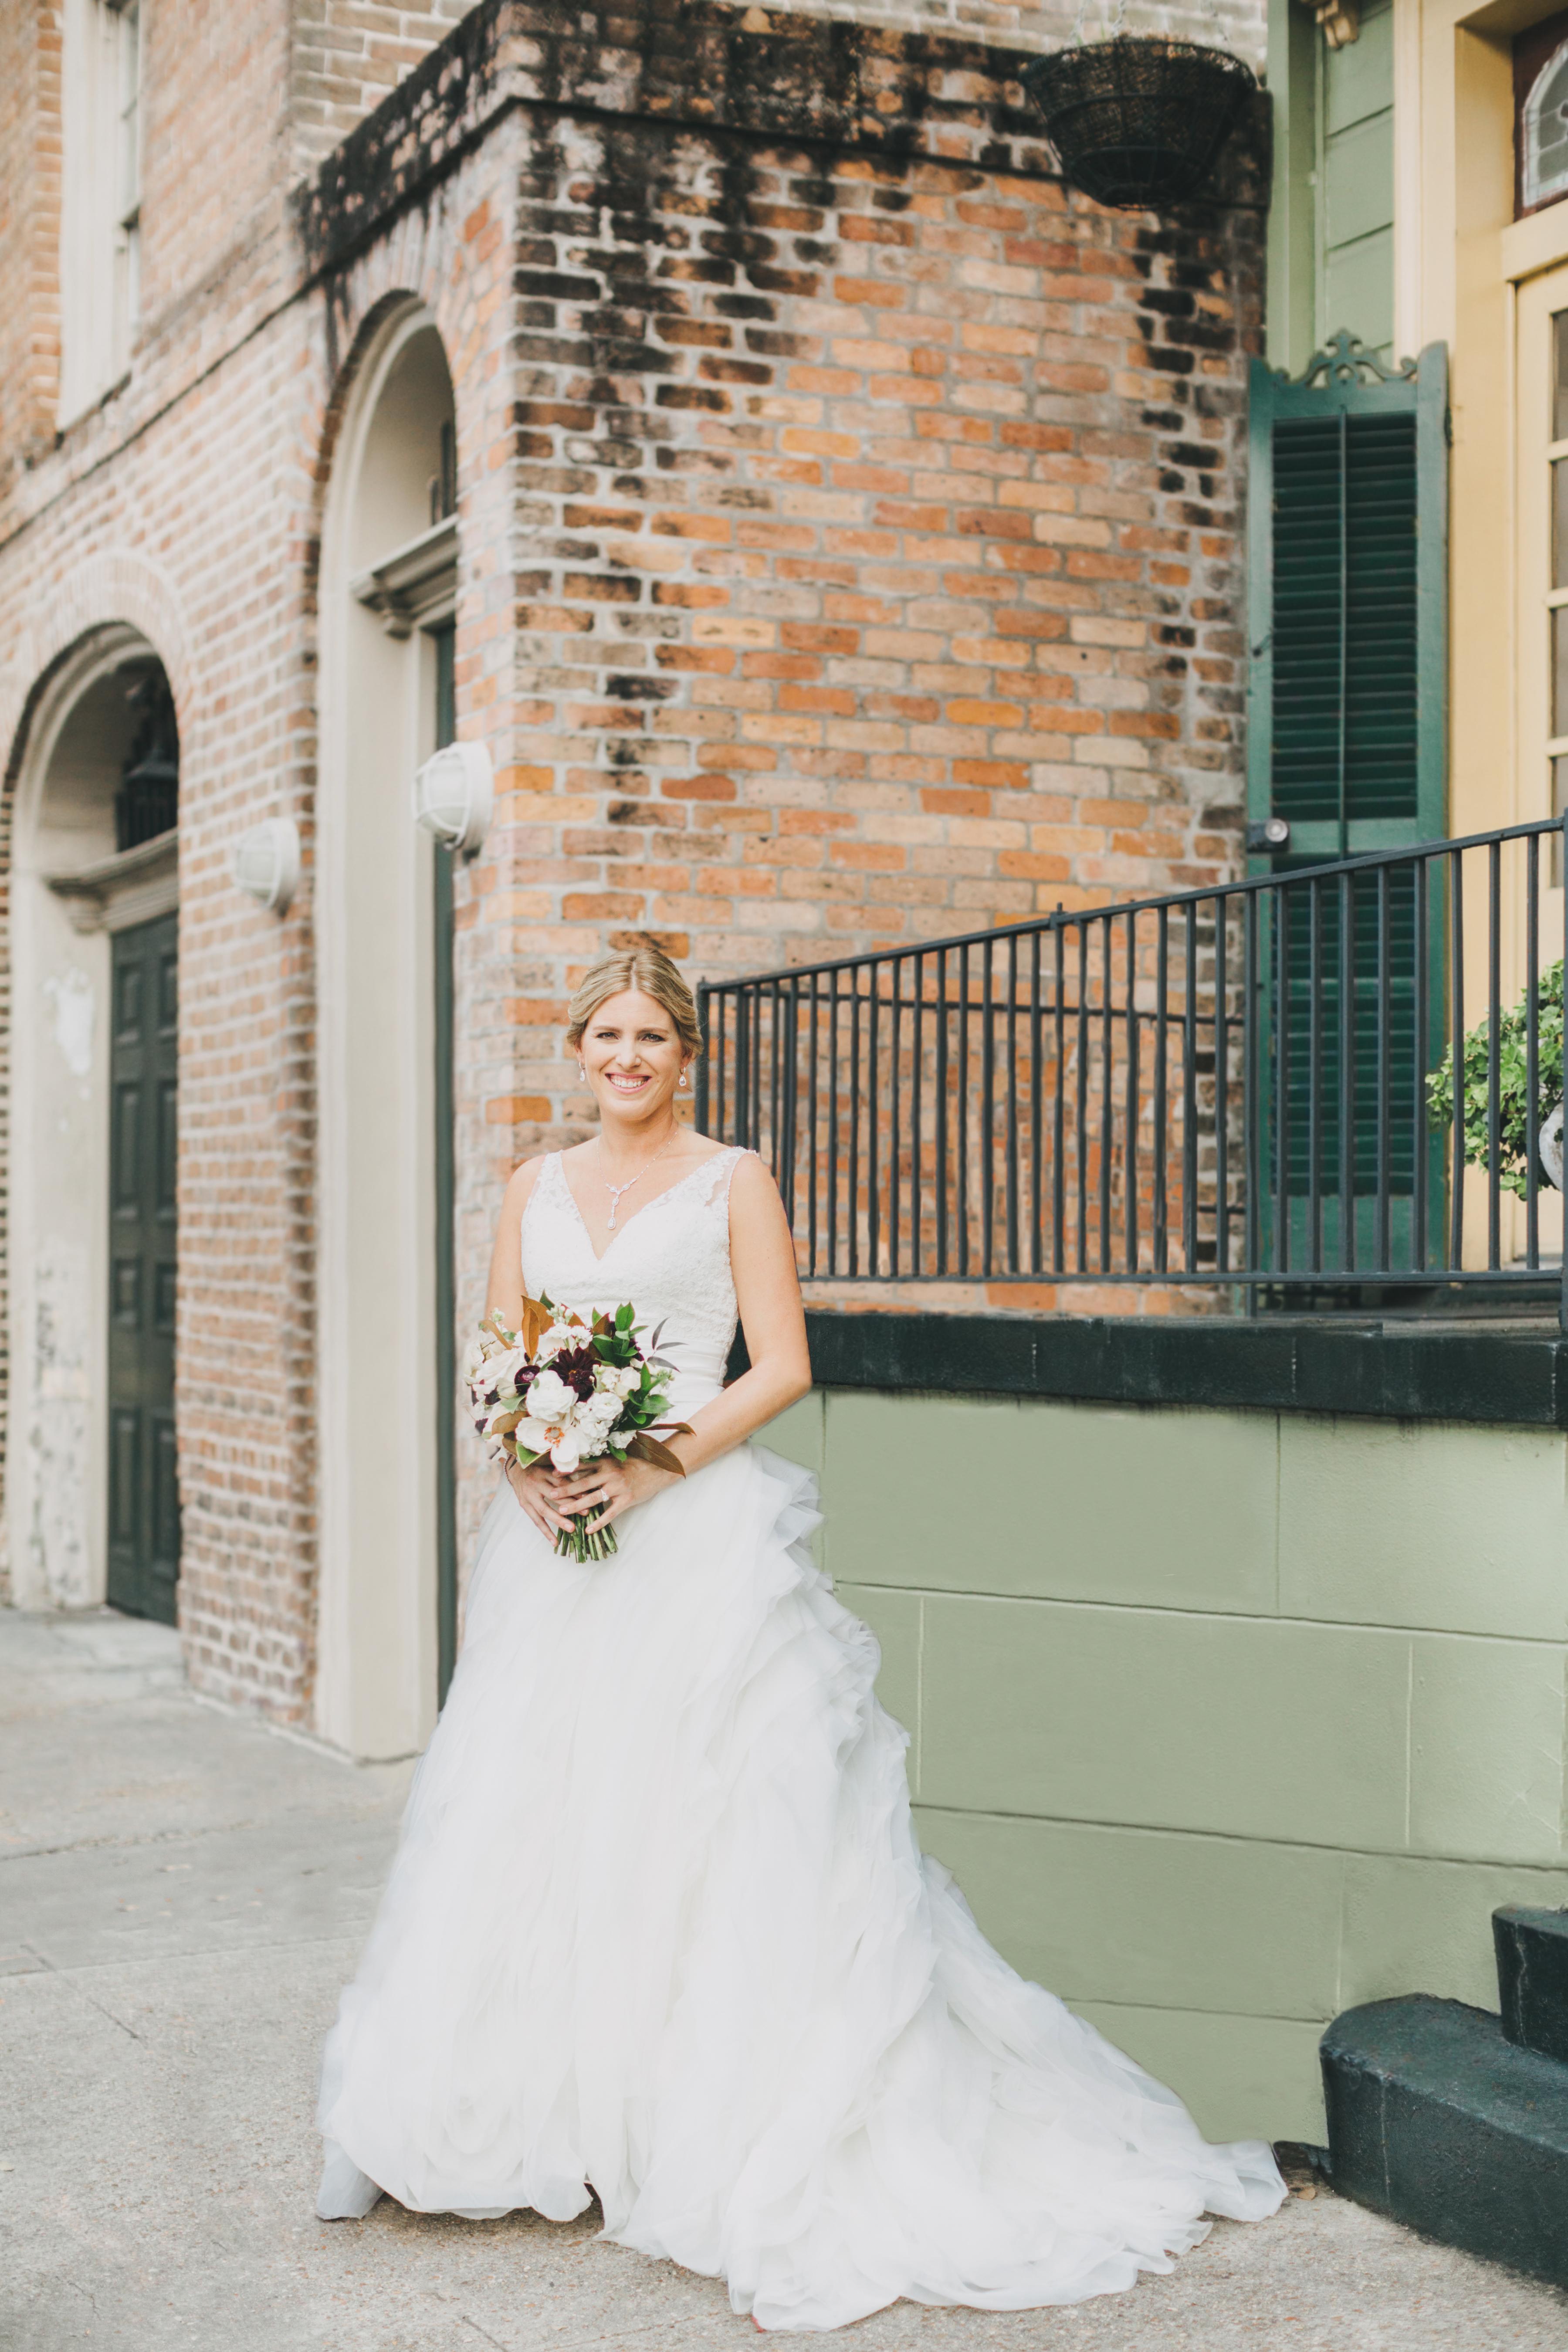 SwintonWedding_WeddingParty-30